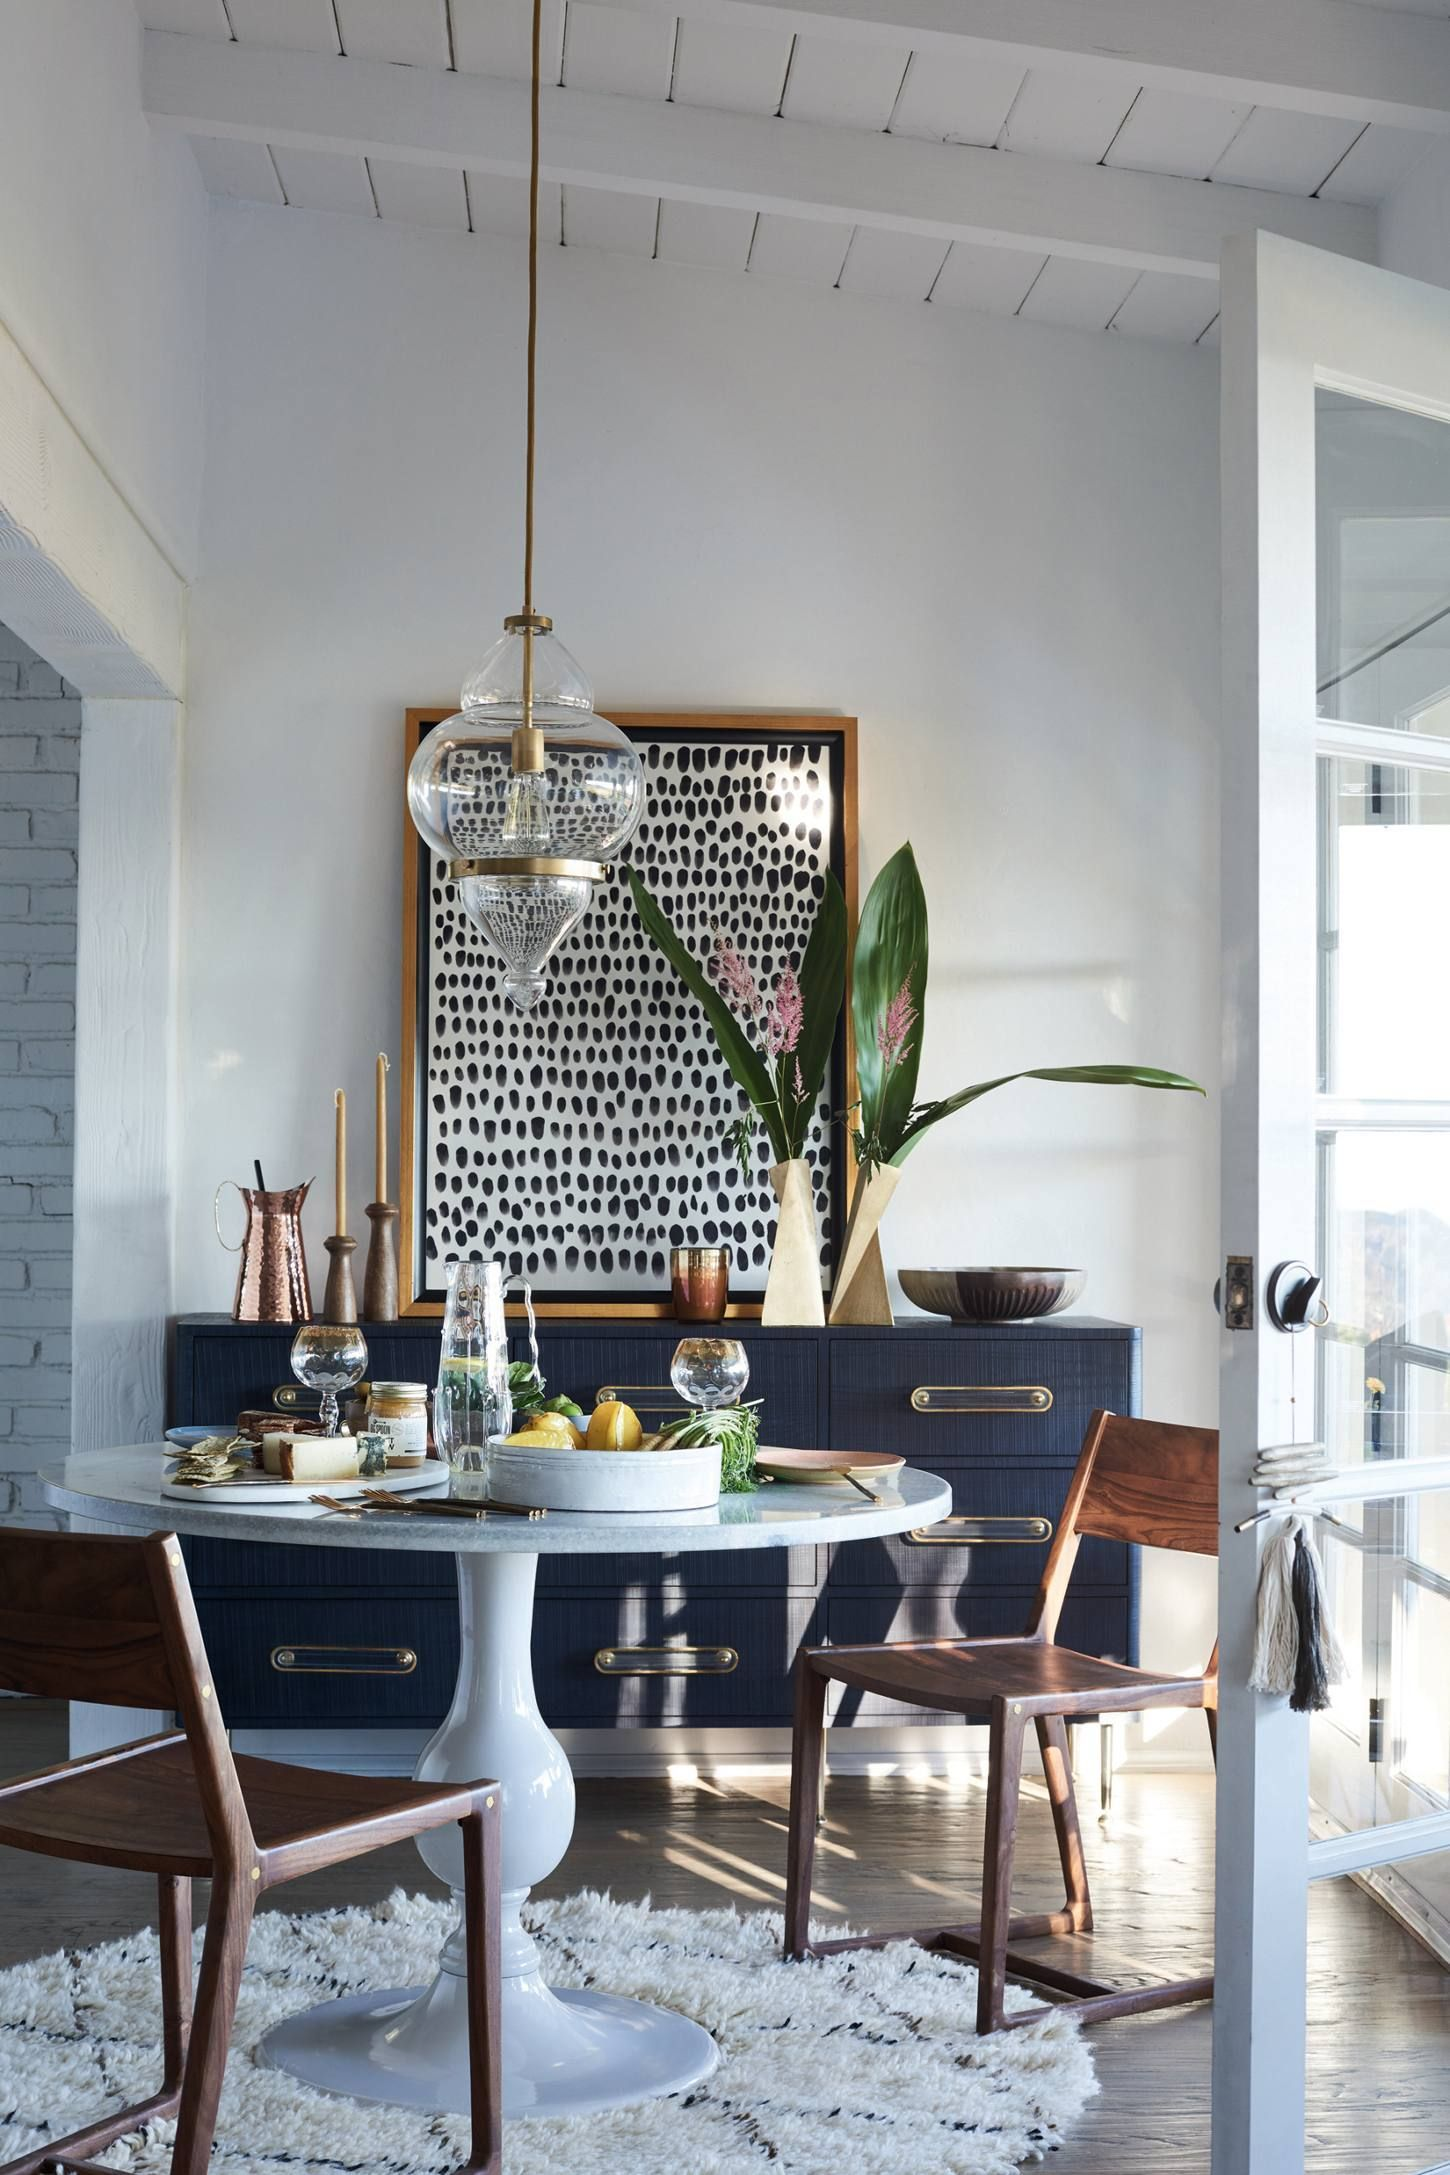 Pointillism Wall Art Dining Room Small Eclectic Dining Room Dining Room Decor